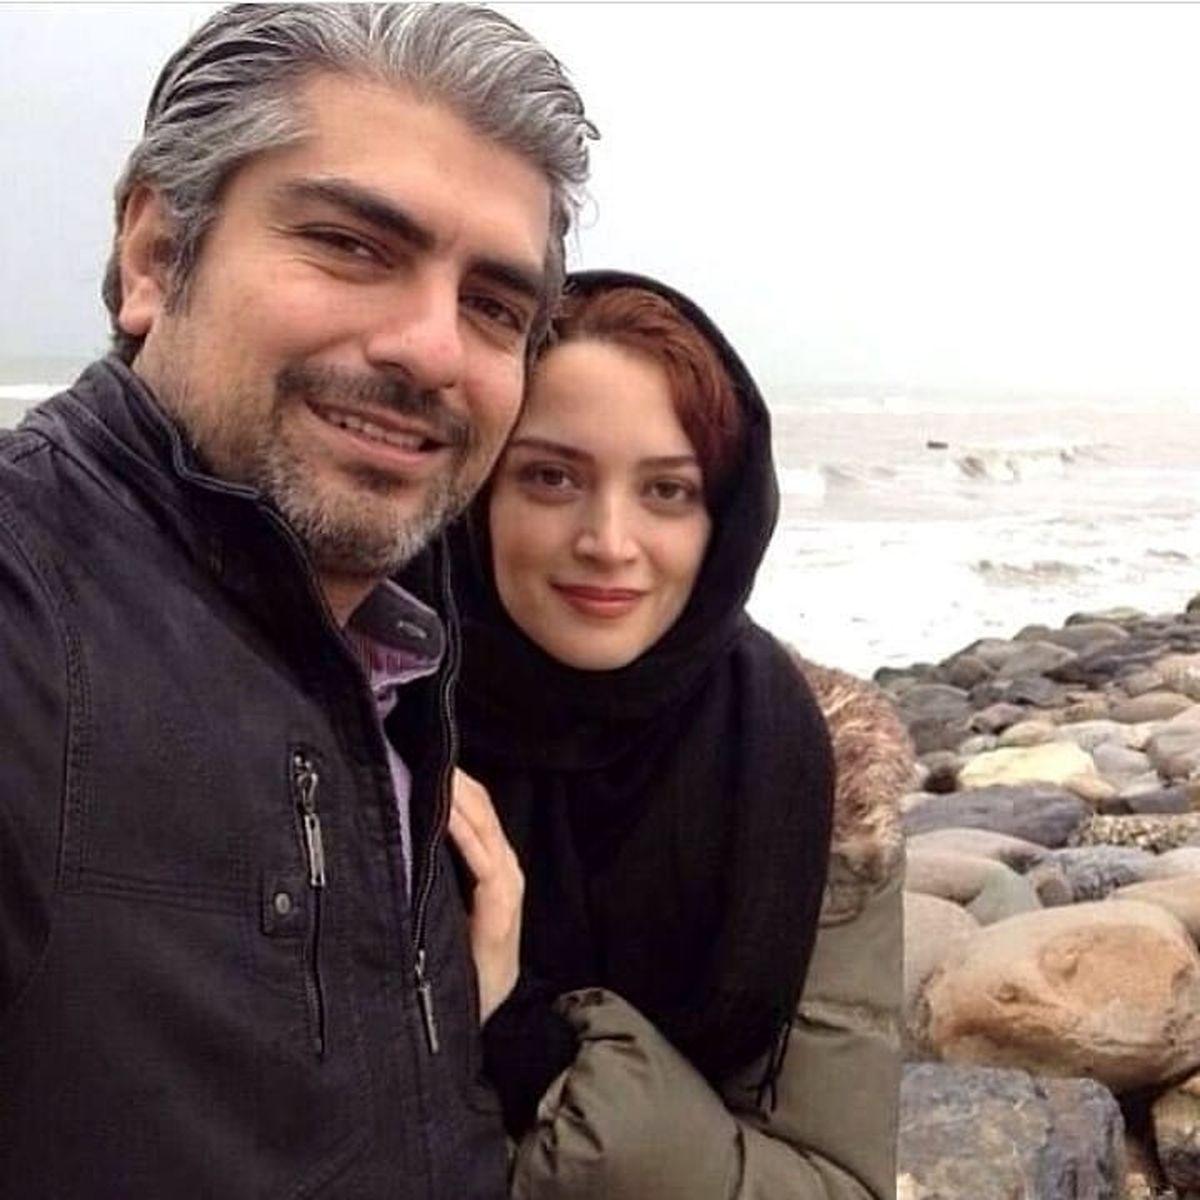 بهنوش طباطبایی و شوهرش کنار دریا !+عکس